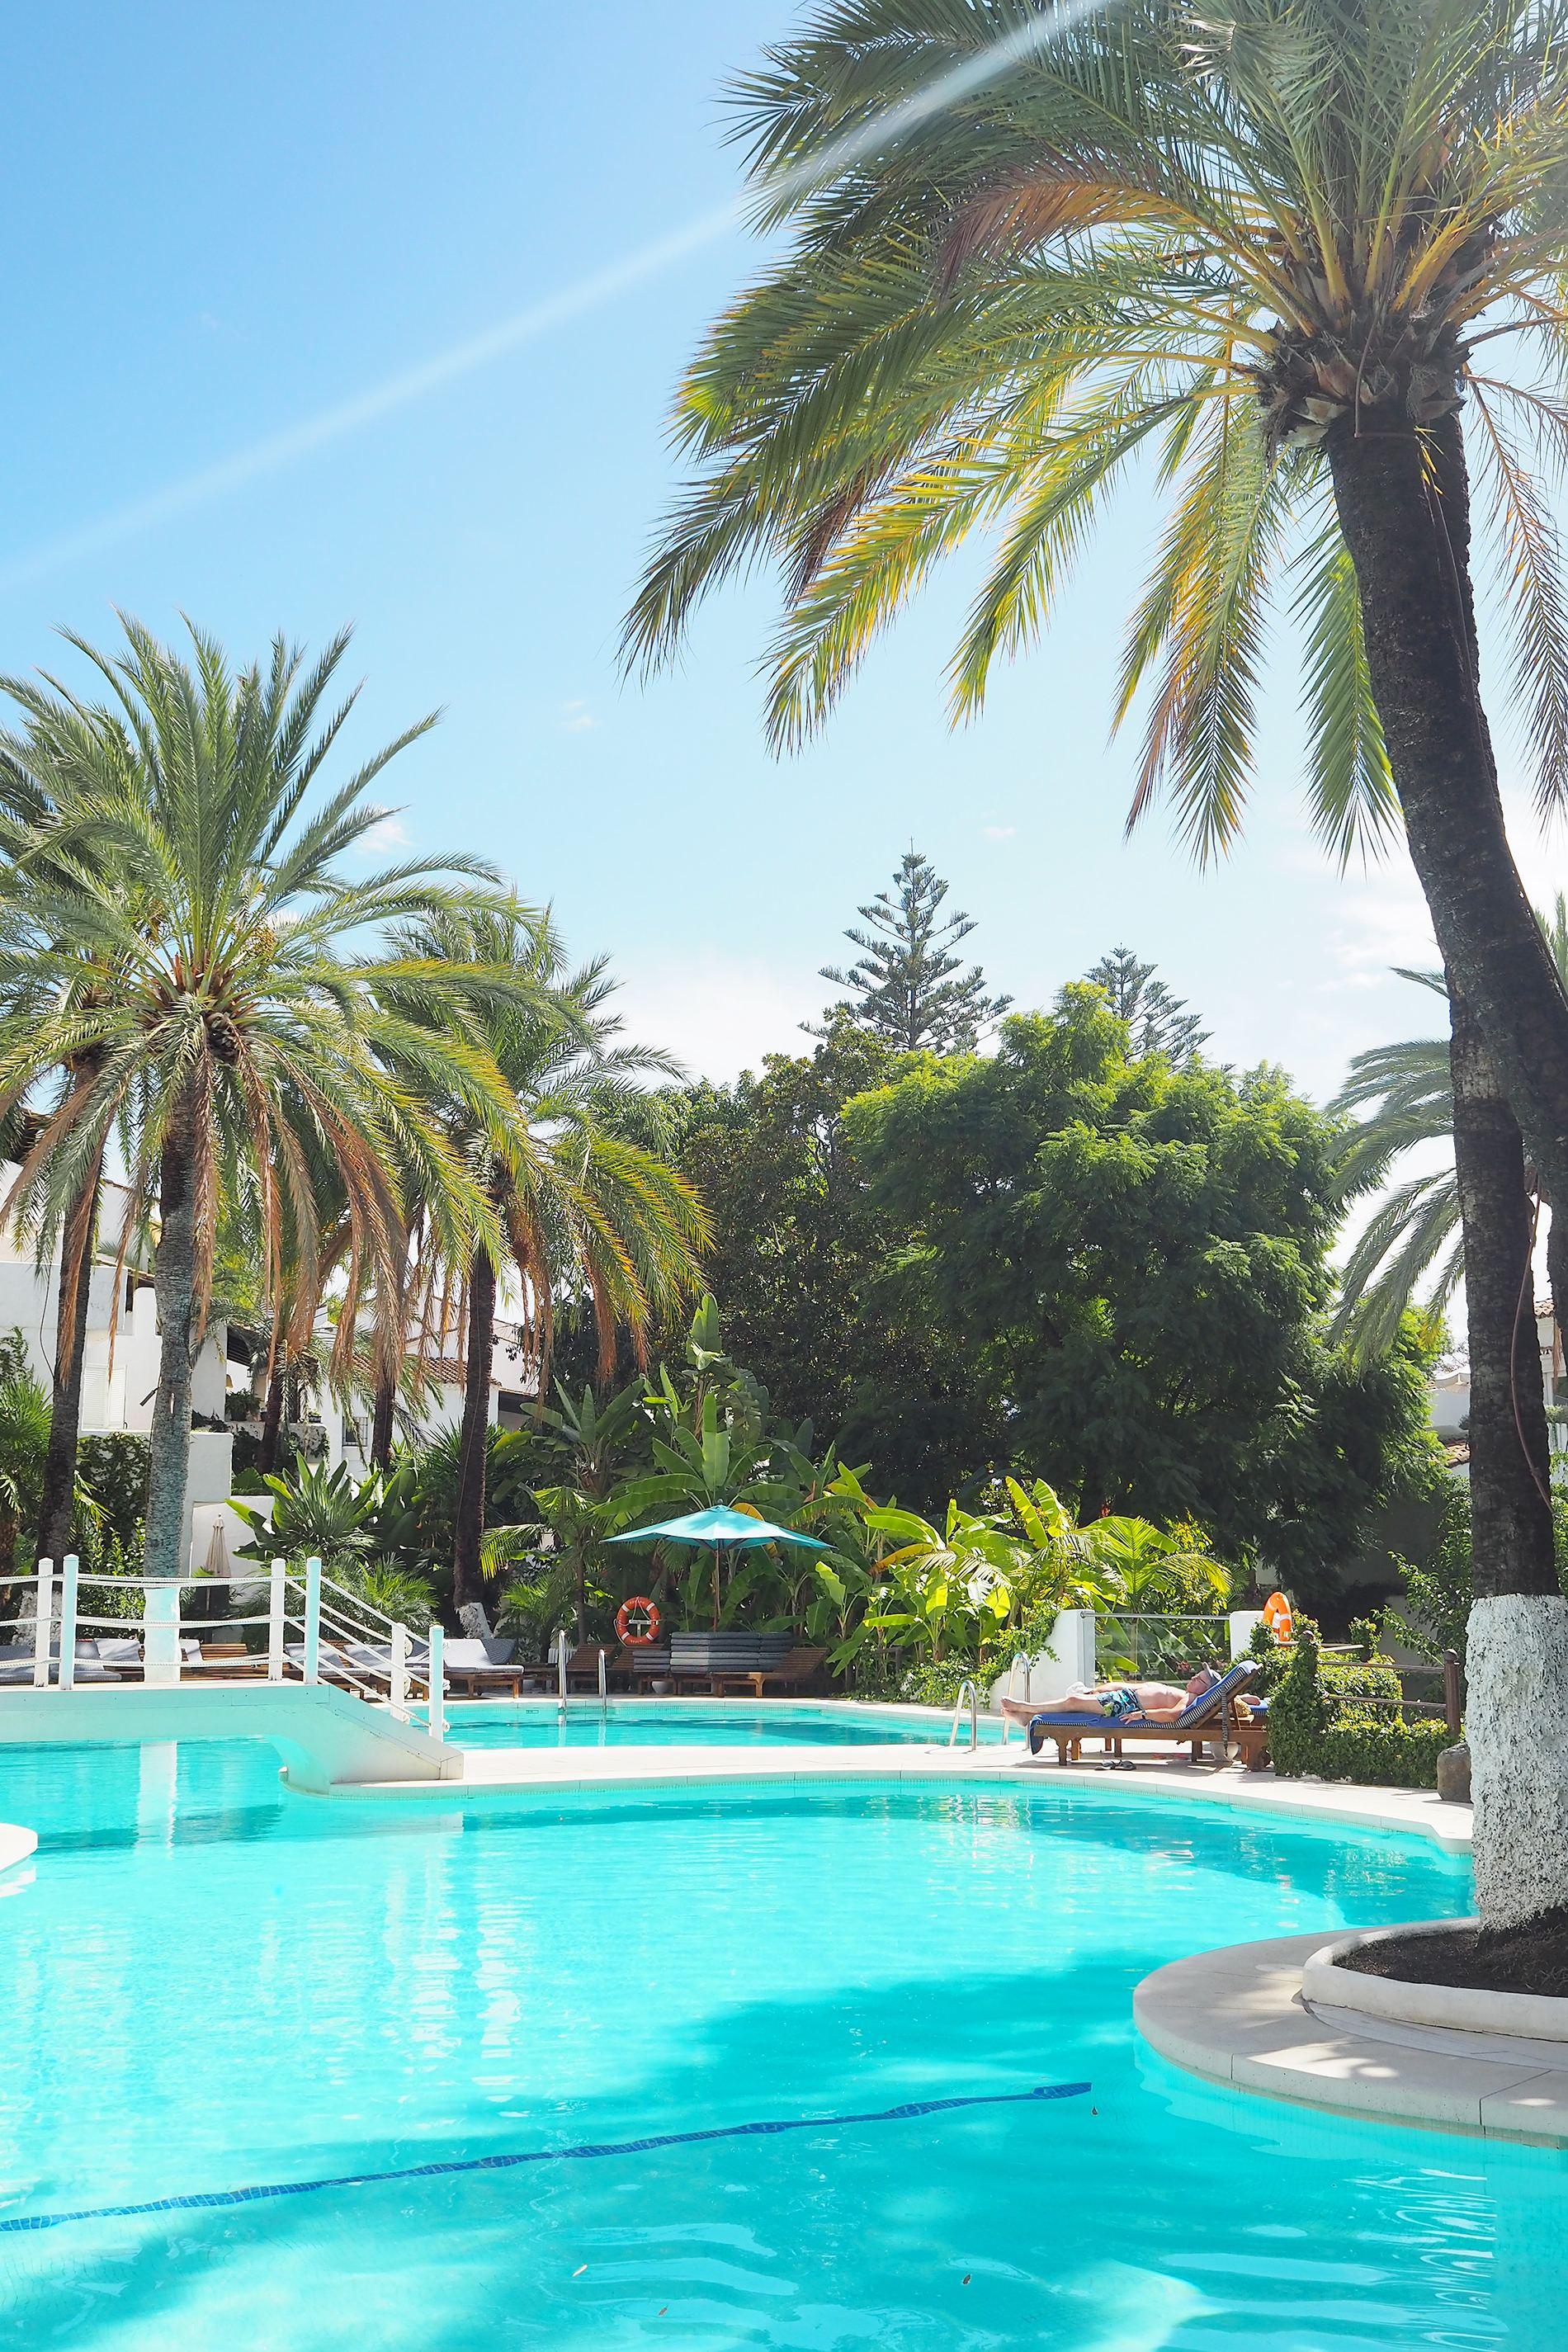 puente romano marbella pool